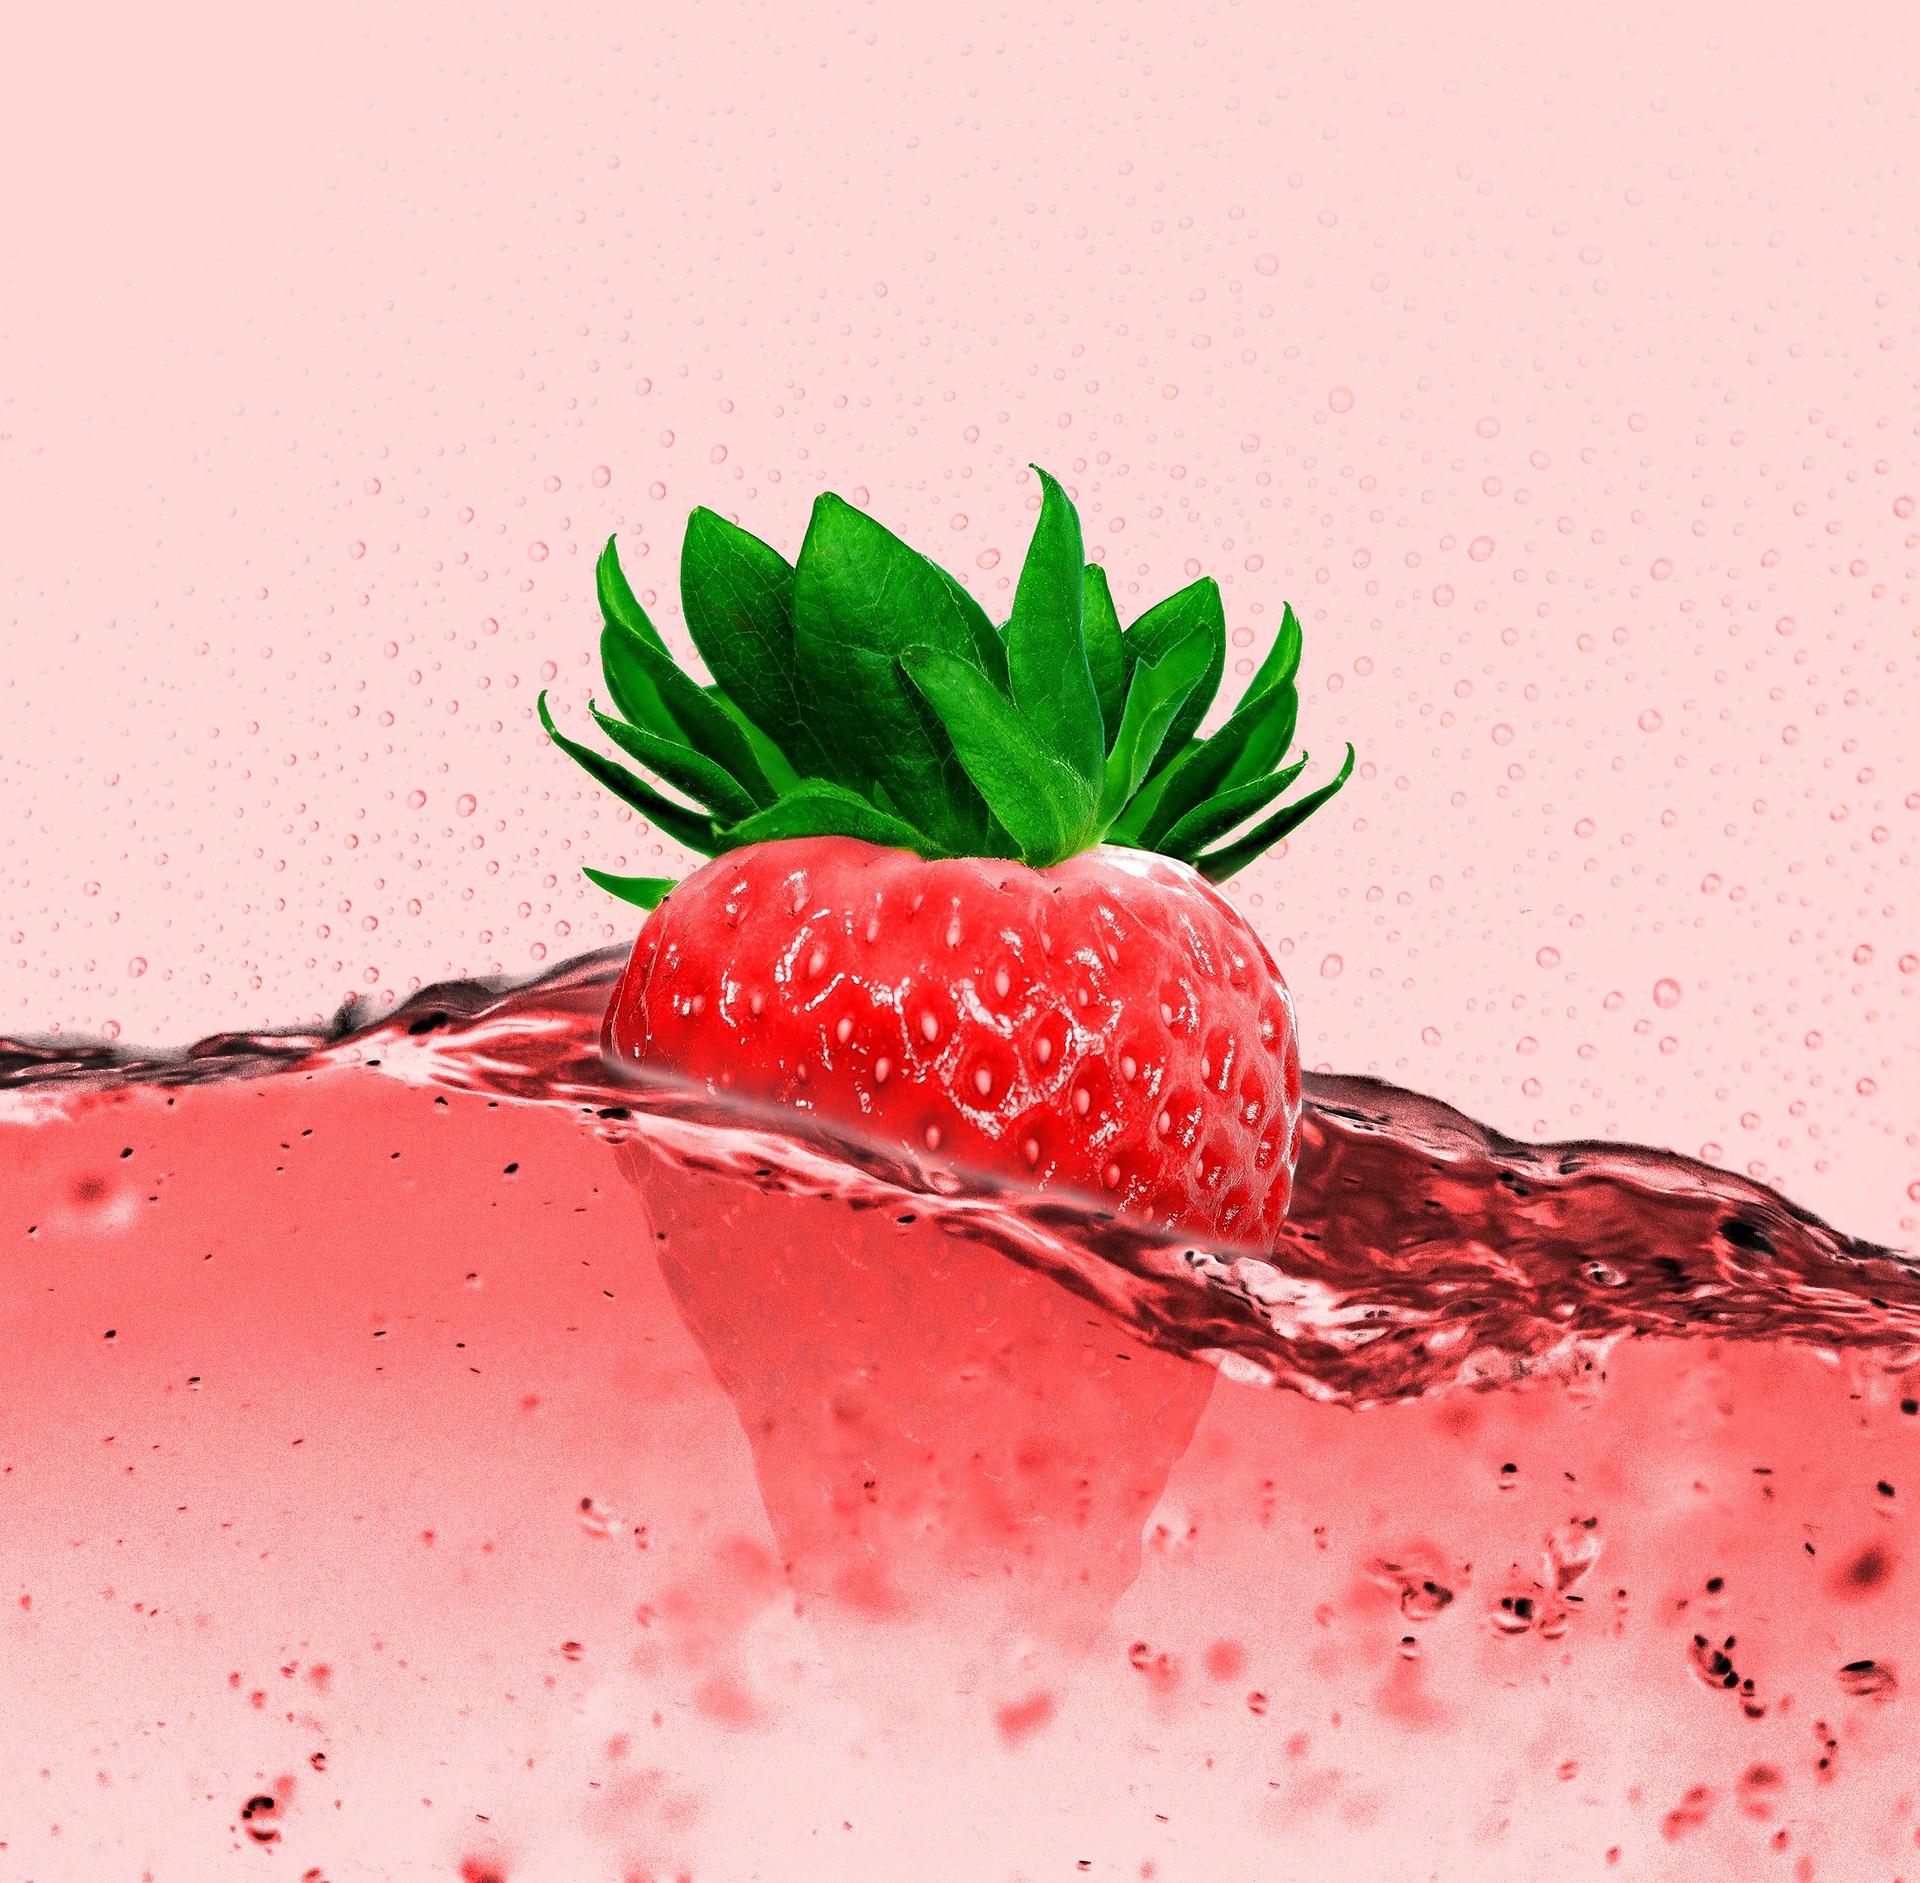 Fragola, succo di frutta, bere, frutta, bolle, Rosso - Sfondi HD - Professor-falken.com